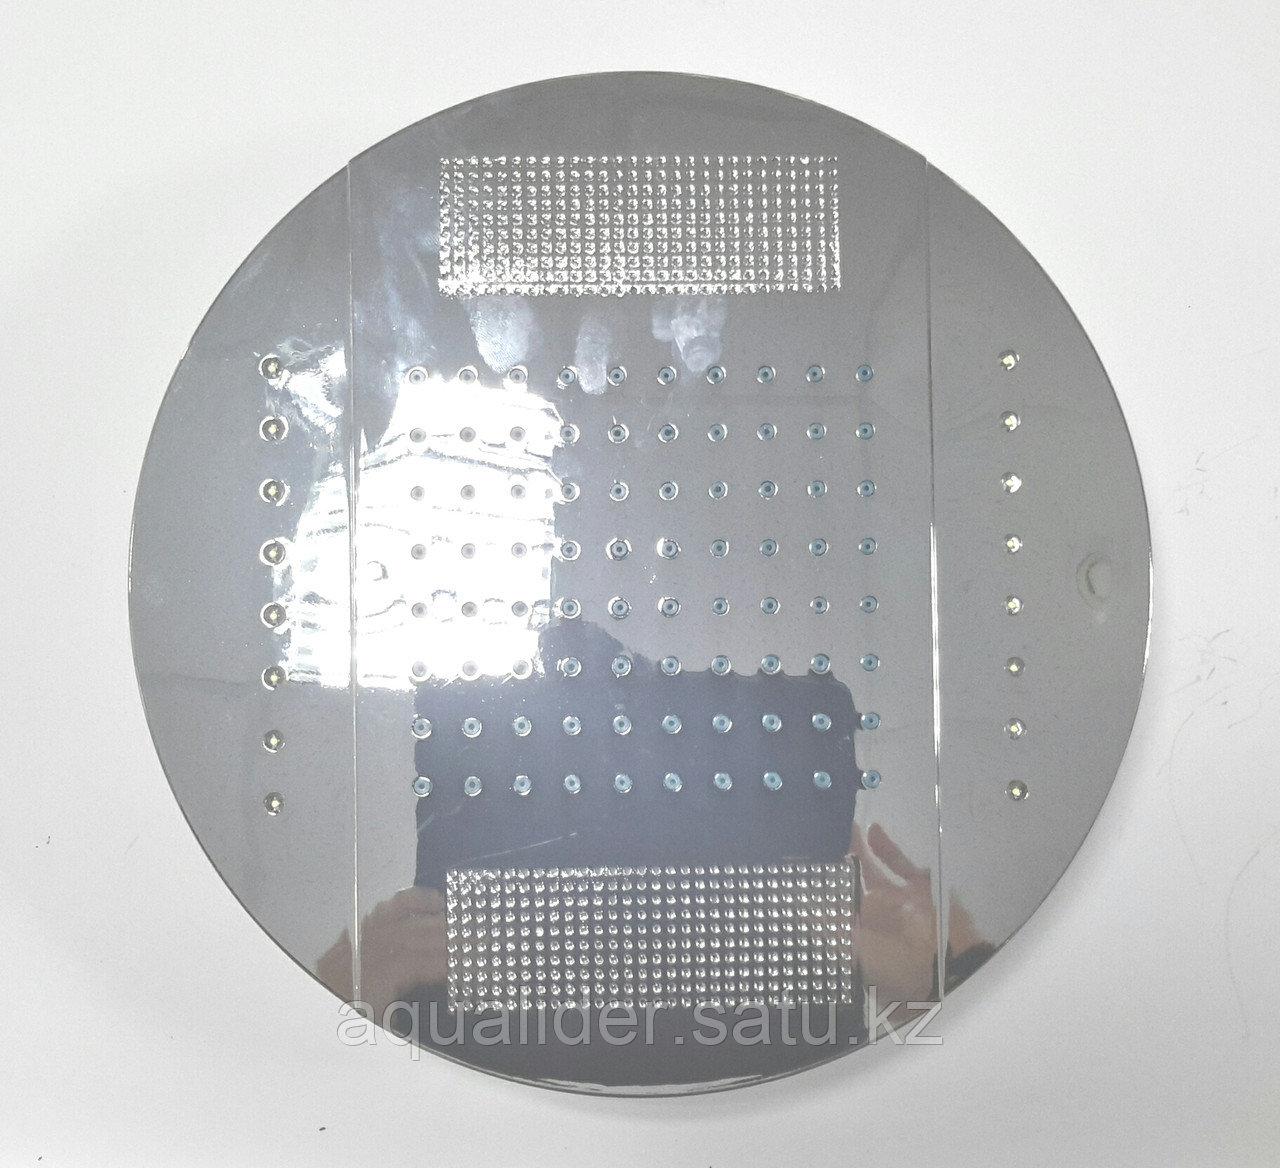 Комбинированный верхний душ с светодиодной подсветкой 250 мм.